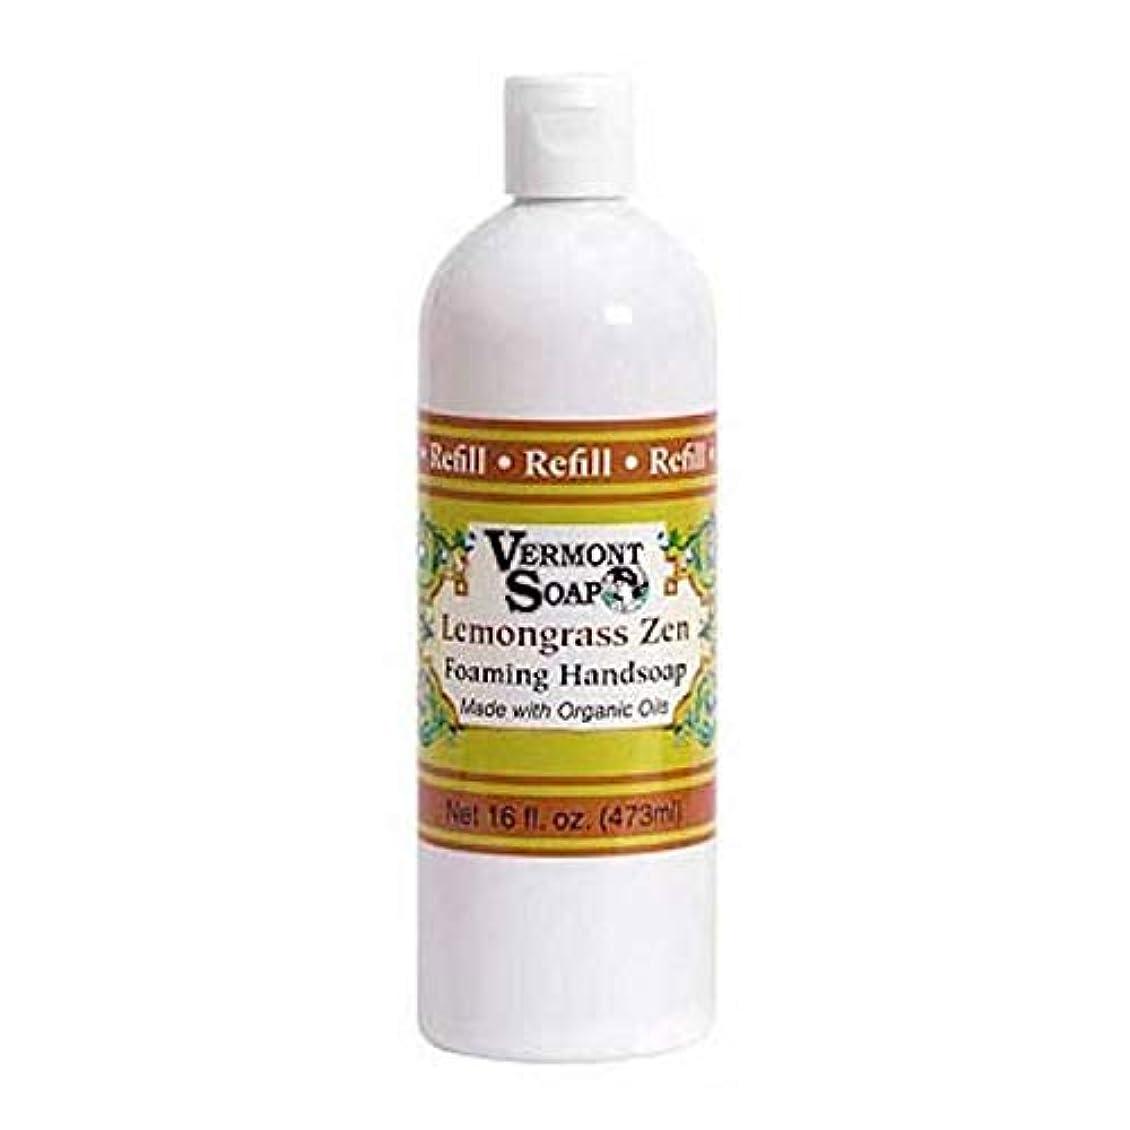 ロックショップ時折バーモントソープ フォーミングソープ リフィル (レモングラス) オーガニック 泡洗顔 473ml